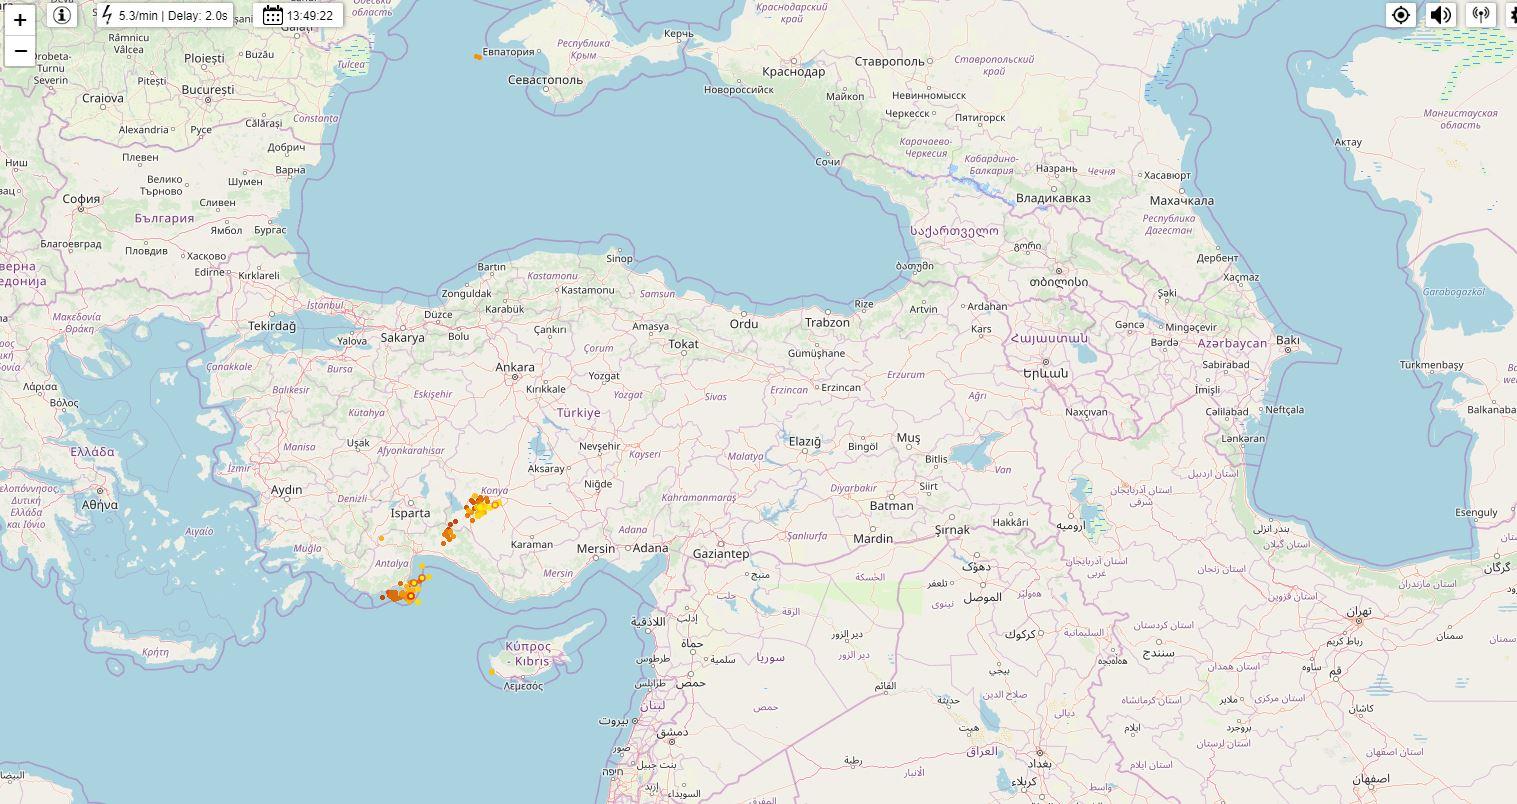 simsek-haritasi-2 Yıldırım Haritası